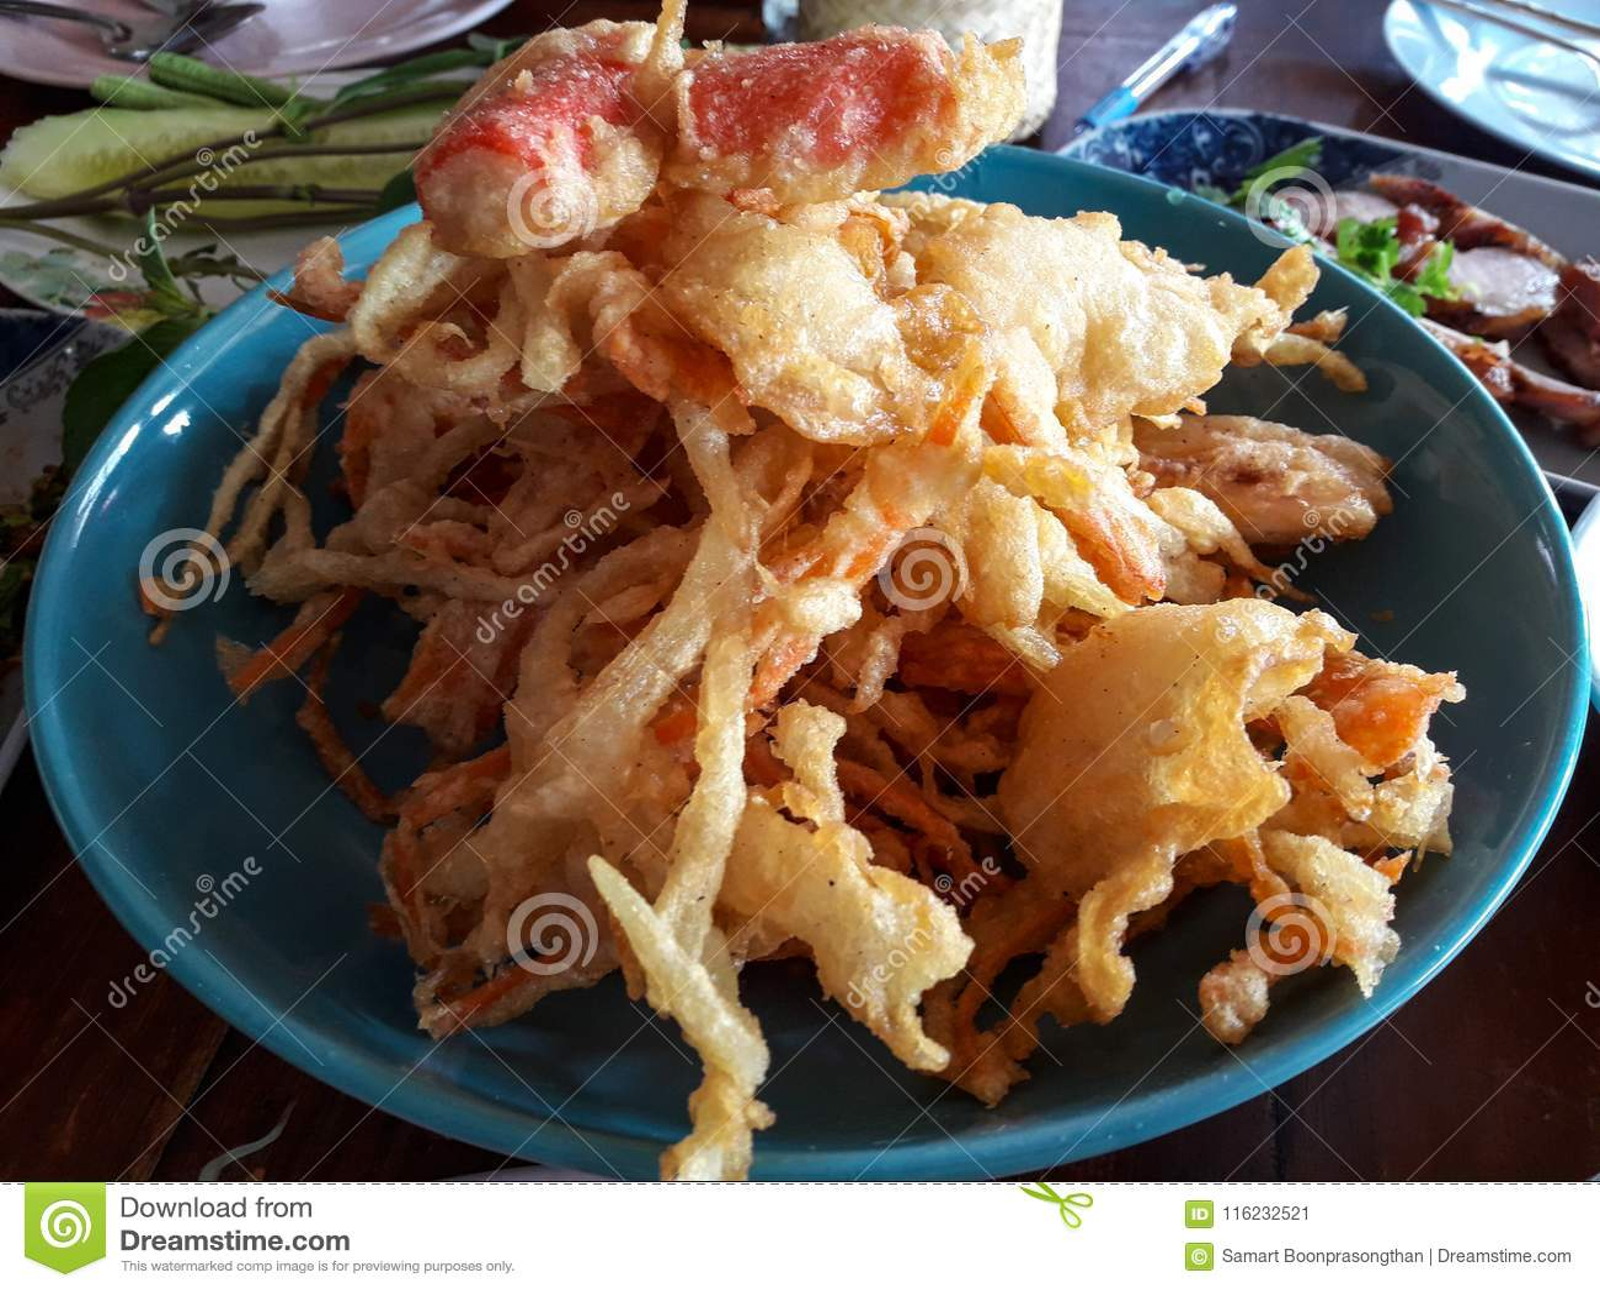 La Thaïlande est une salade populaire, nourriture frite de la Thaïlande, aigre, doux, salé et des ingrédients épicés seront appor